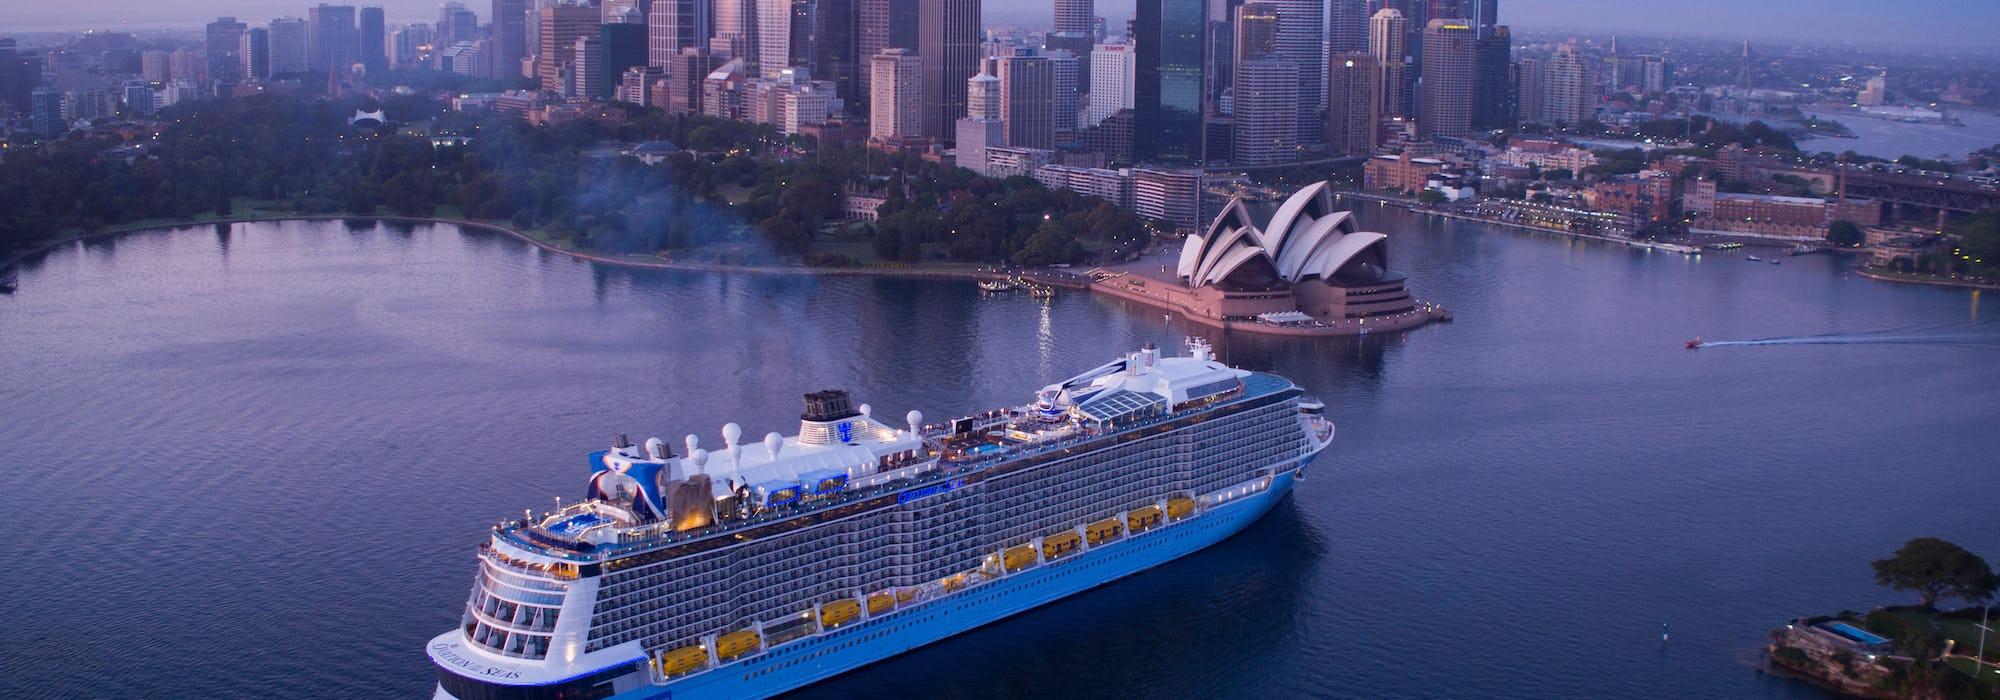 Ovation of the Seas kryssar förbi Sydneys ikoniska operahus med stadens skyskrapor som uppenbarar sig bakom.